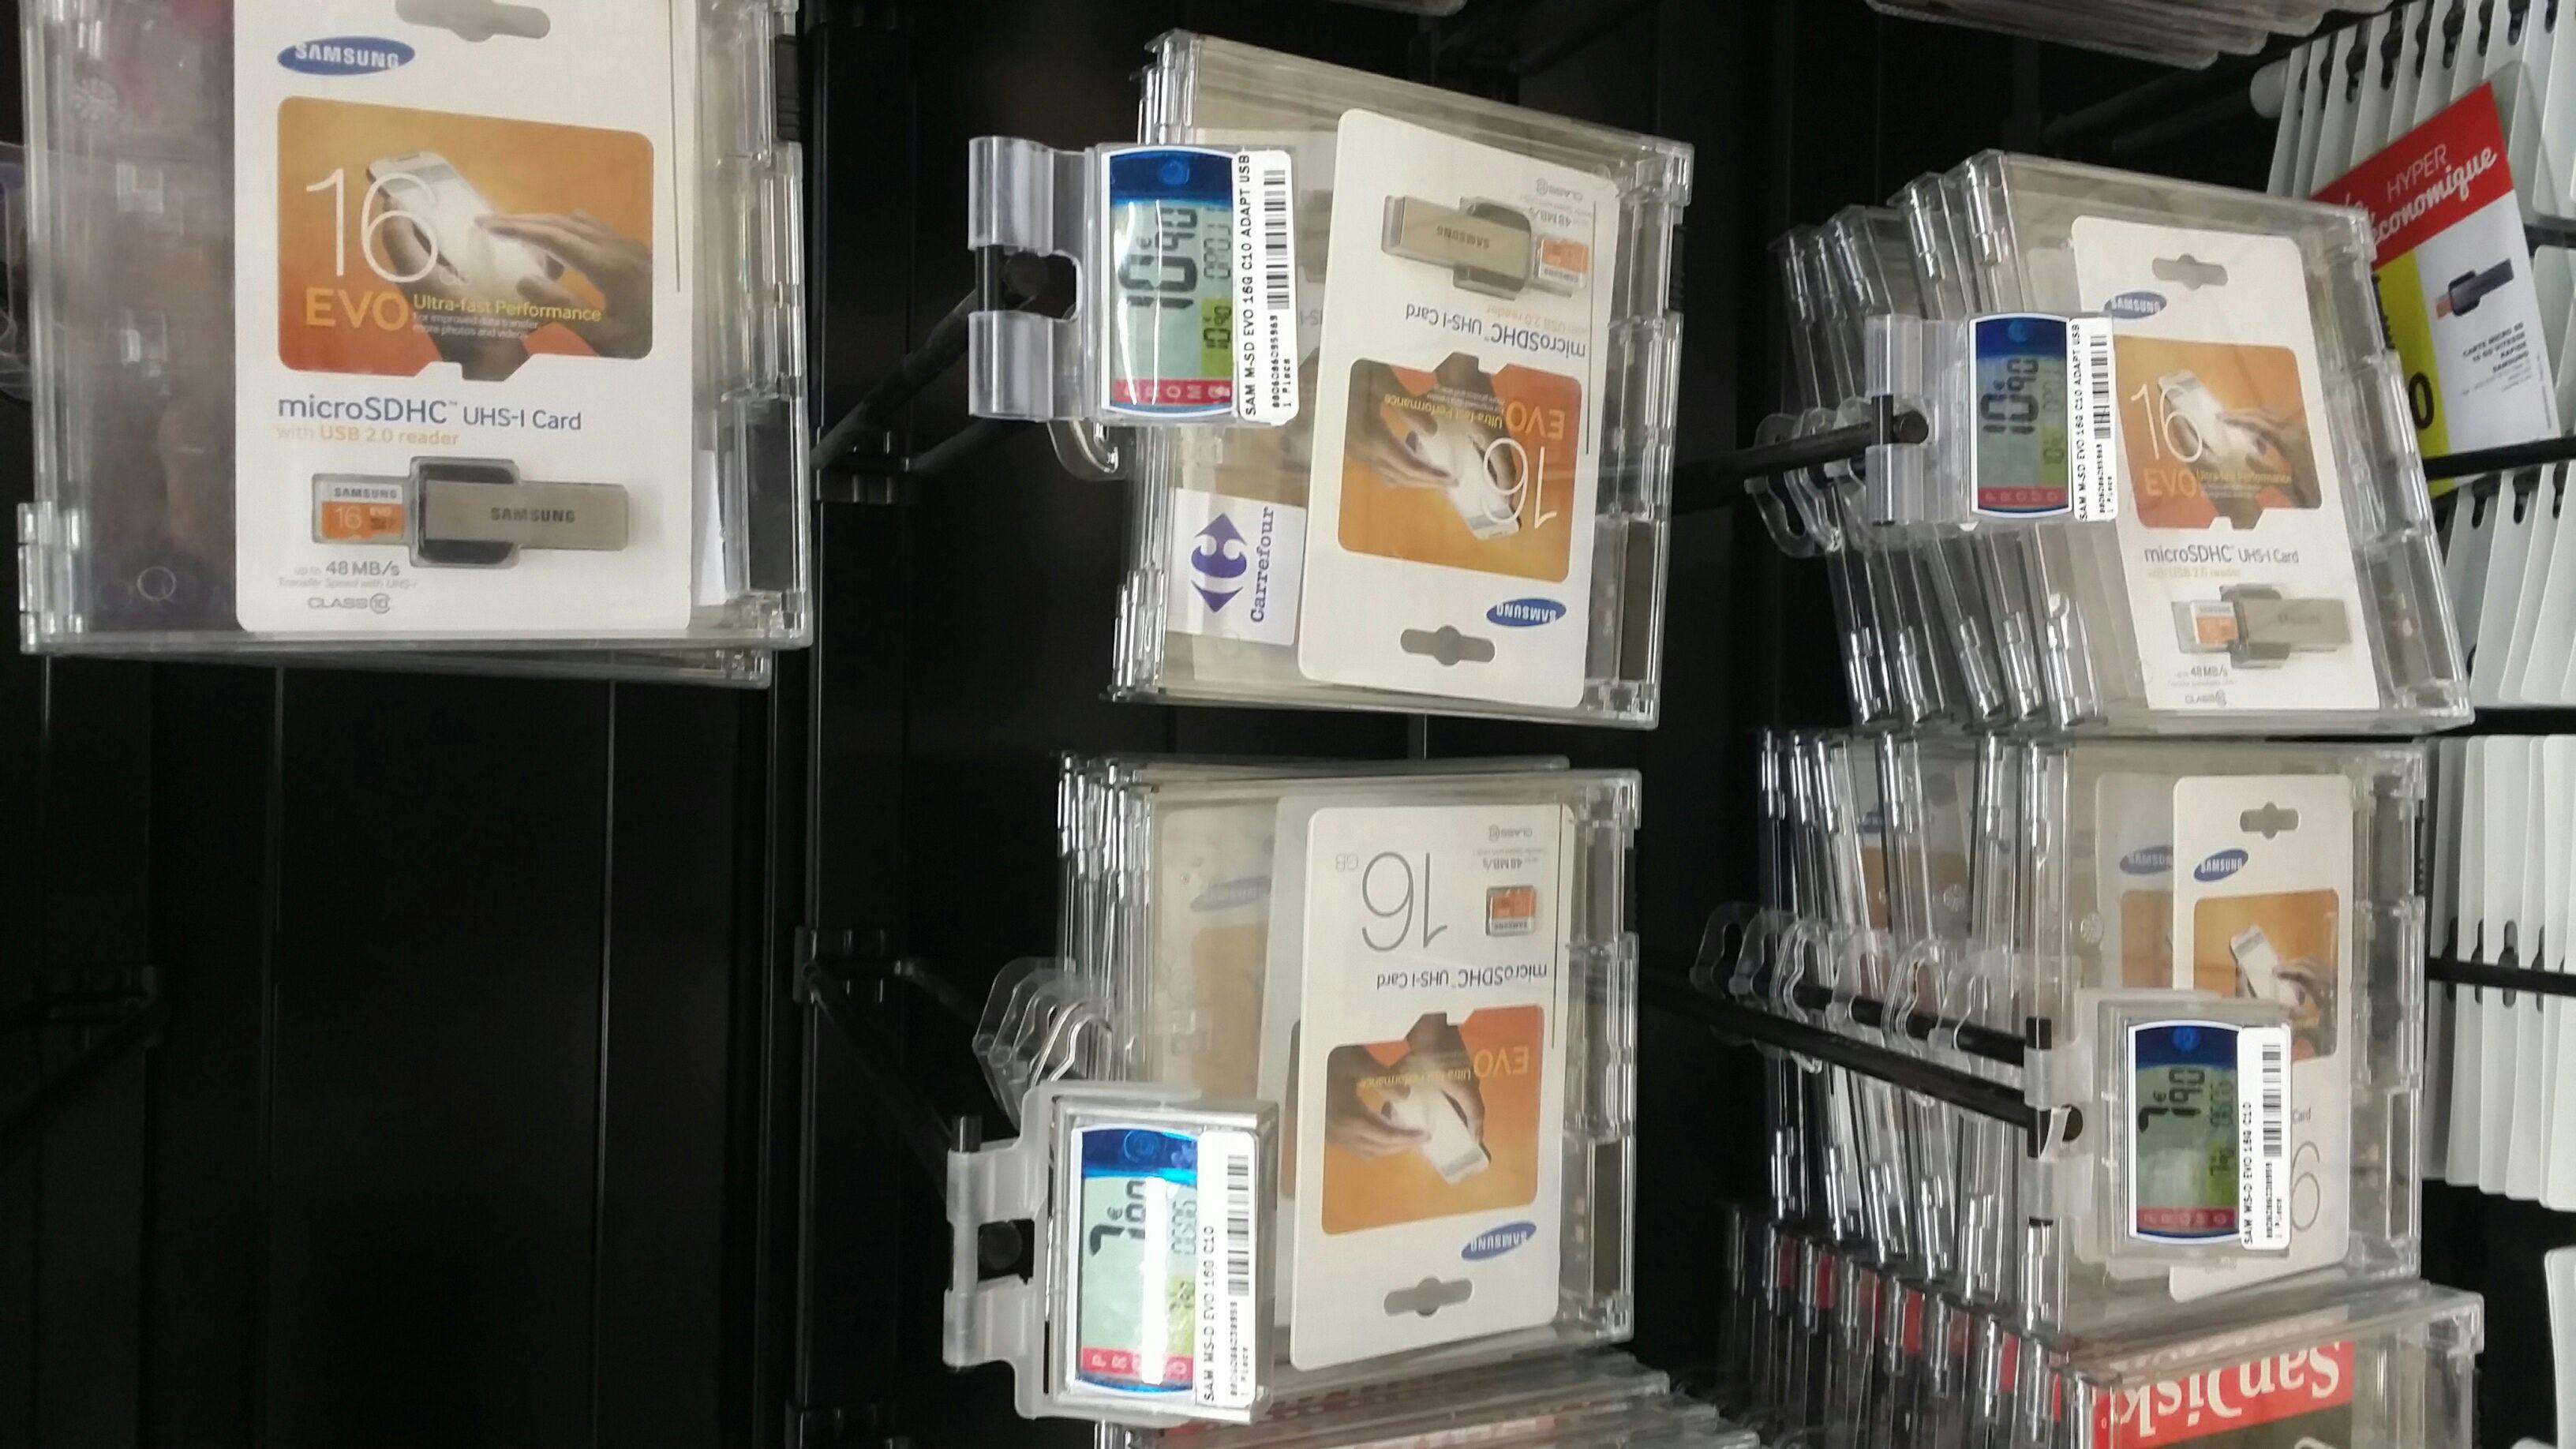 Sélection de cartes micro SD Samsung Evo en promo  - Ex : Carte micro SD Samsung EVO 16 Go